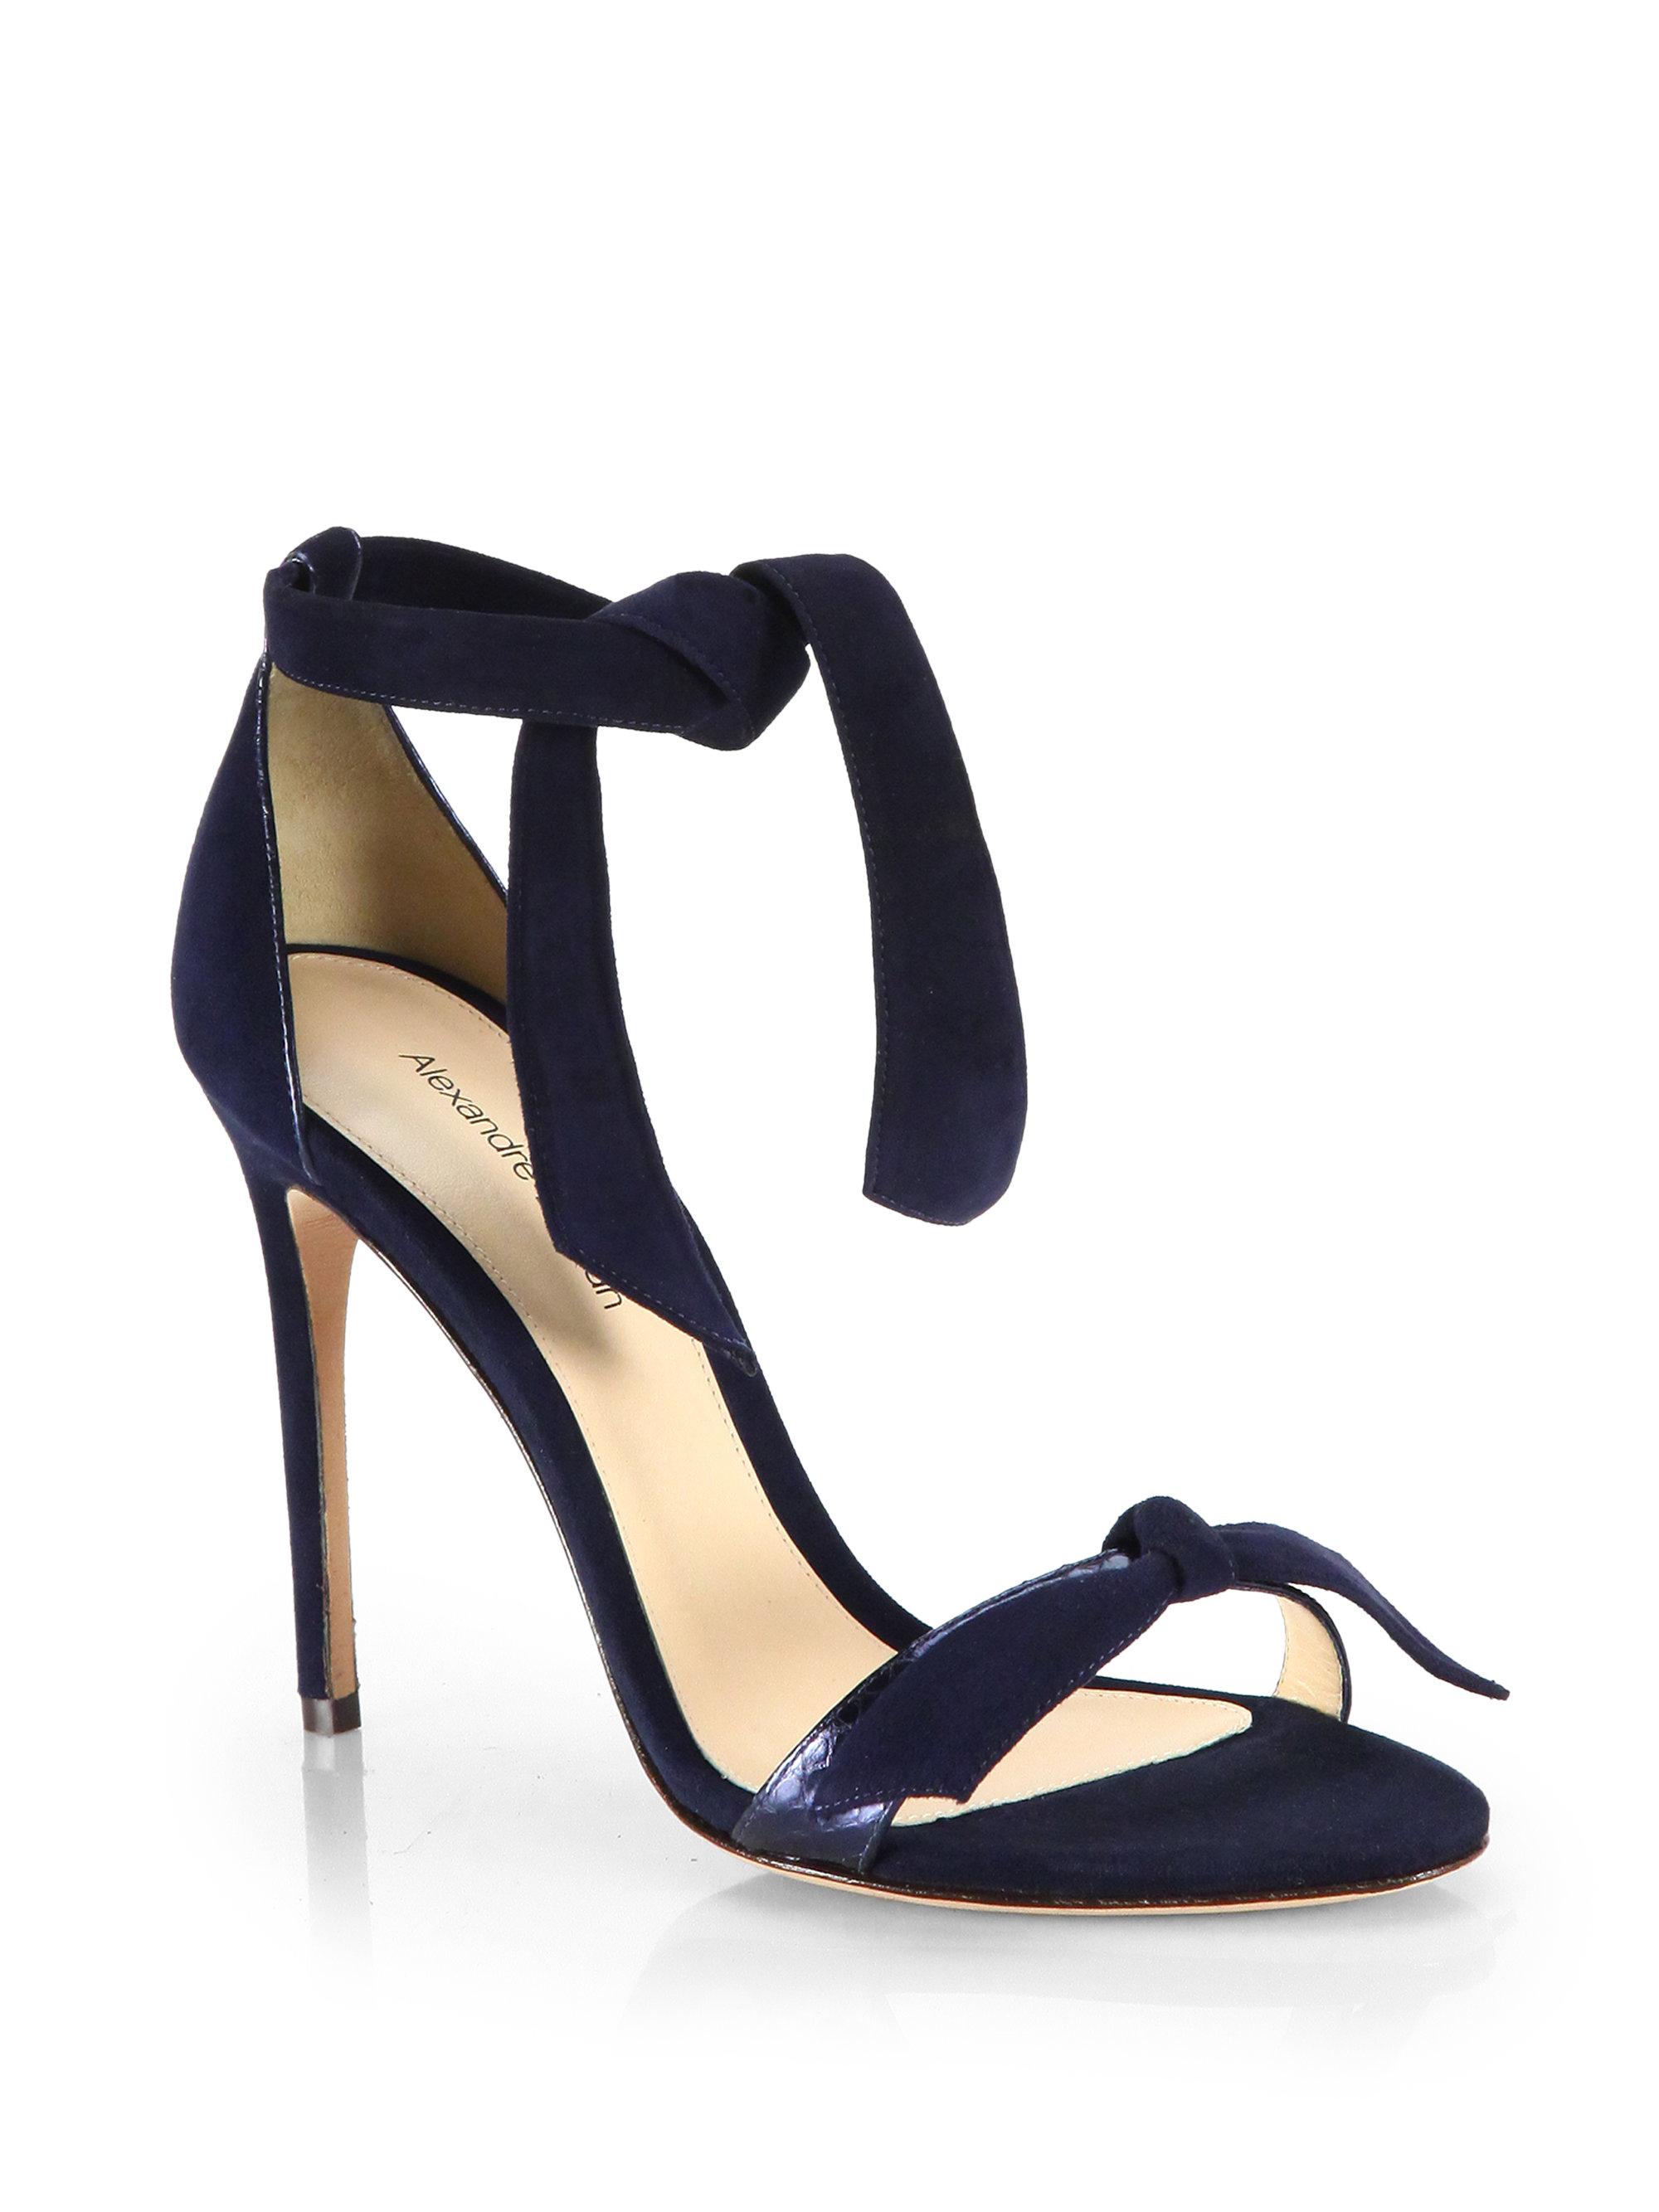 a171c17ca Lyst - Alexandre Birman Snakeskin   Suede Ankle-Tie Sandals in Blue